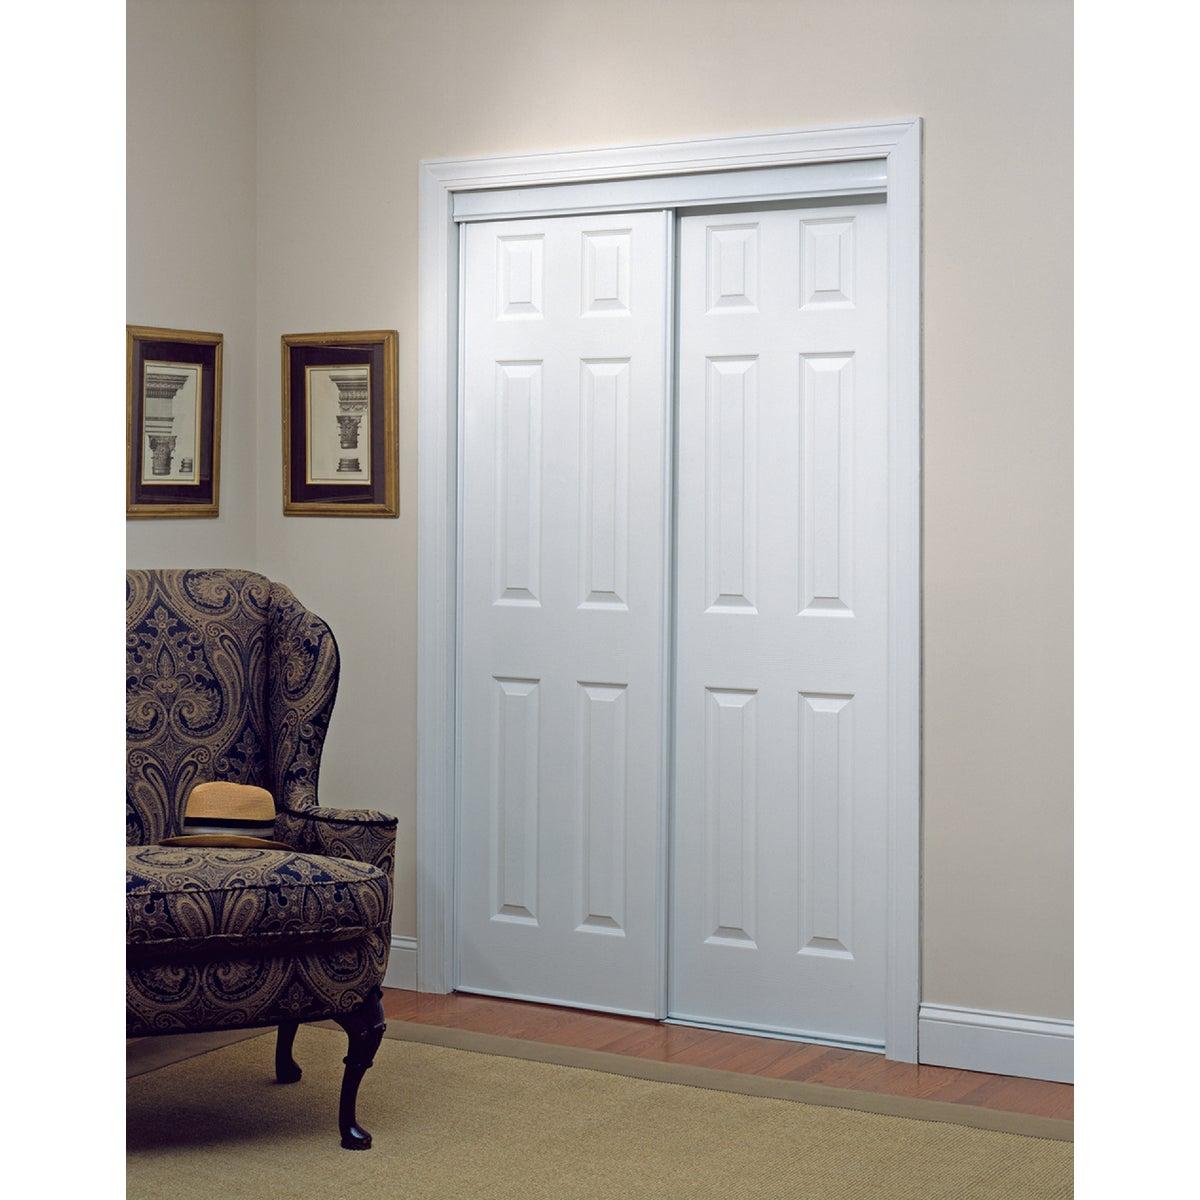 60X80 6-PNL BYPASS DOOR